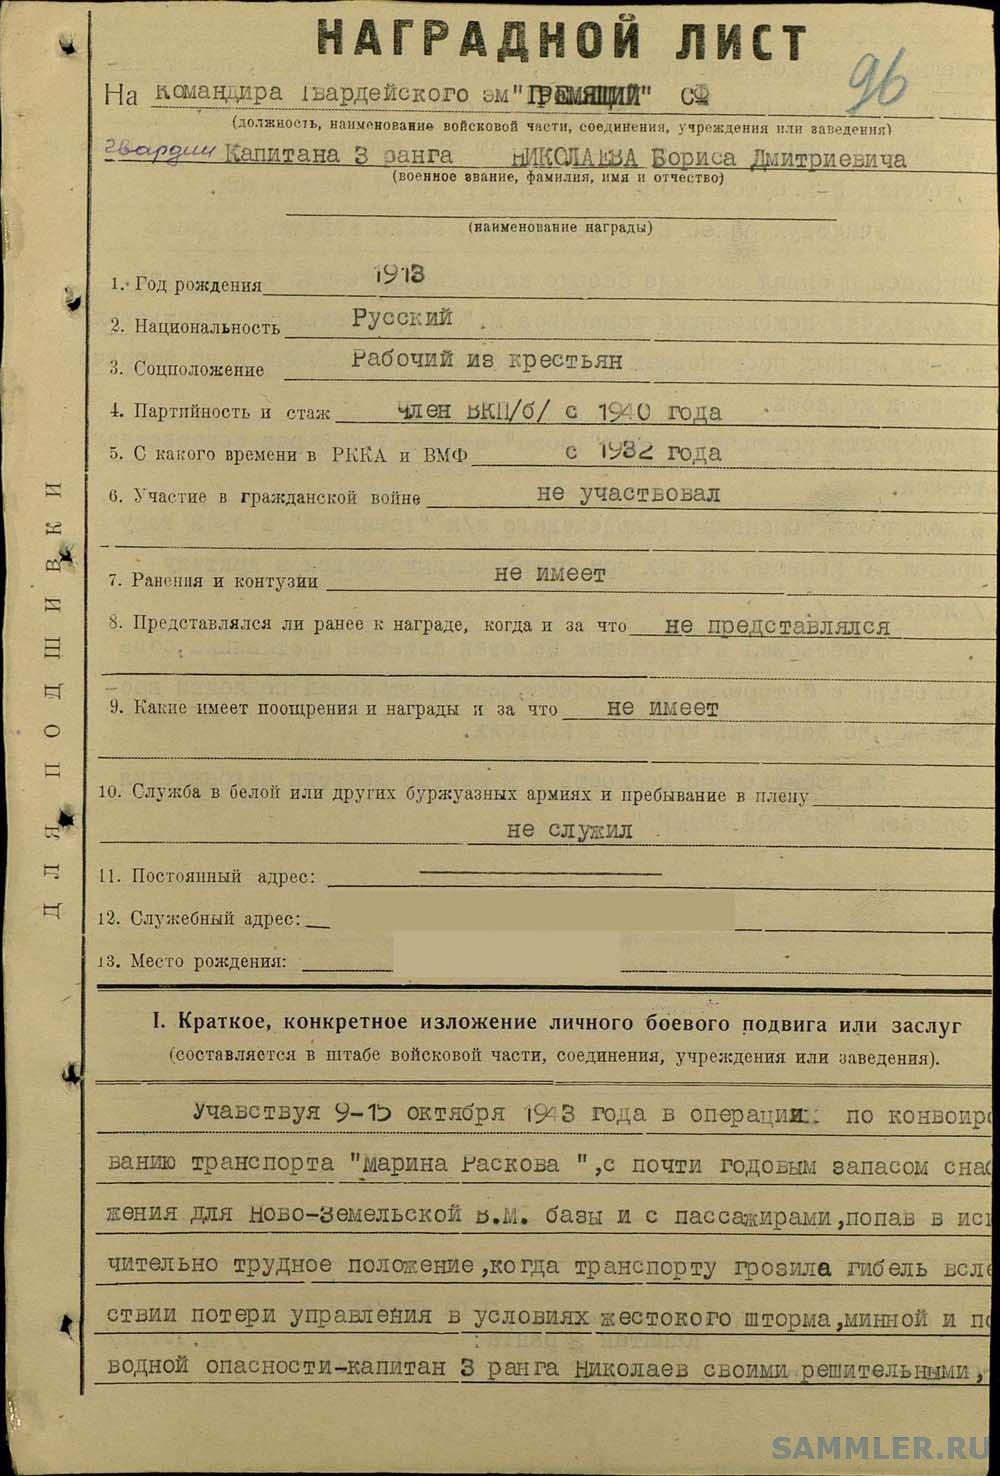 1Nikolaev 9.43.jpg